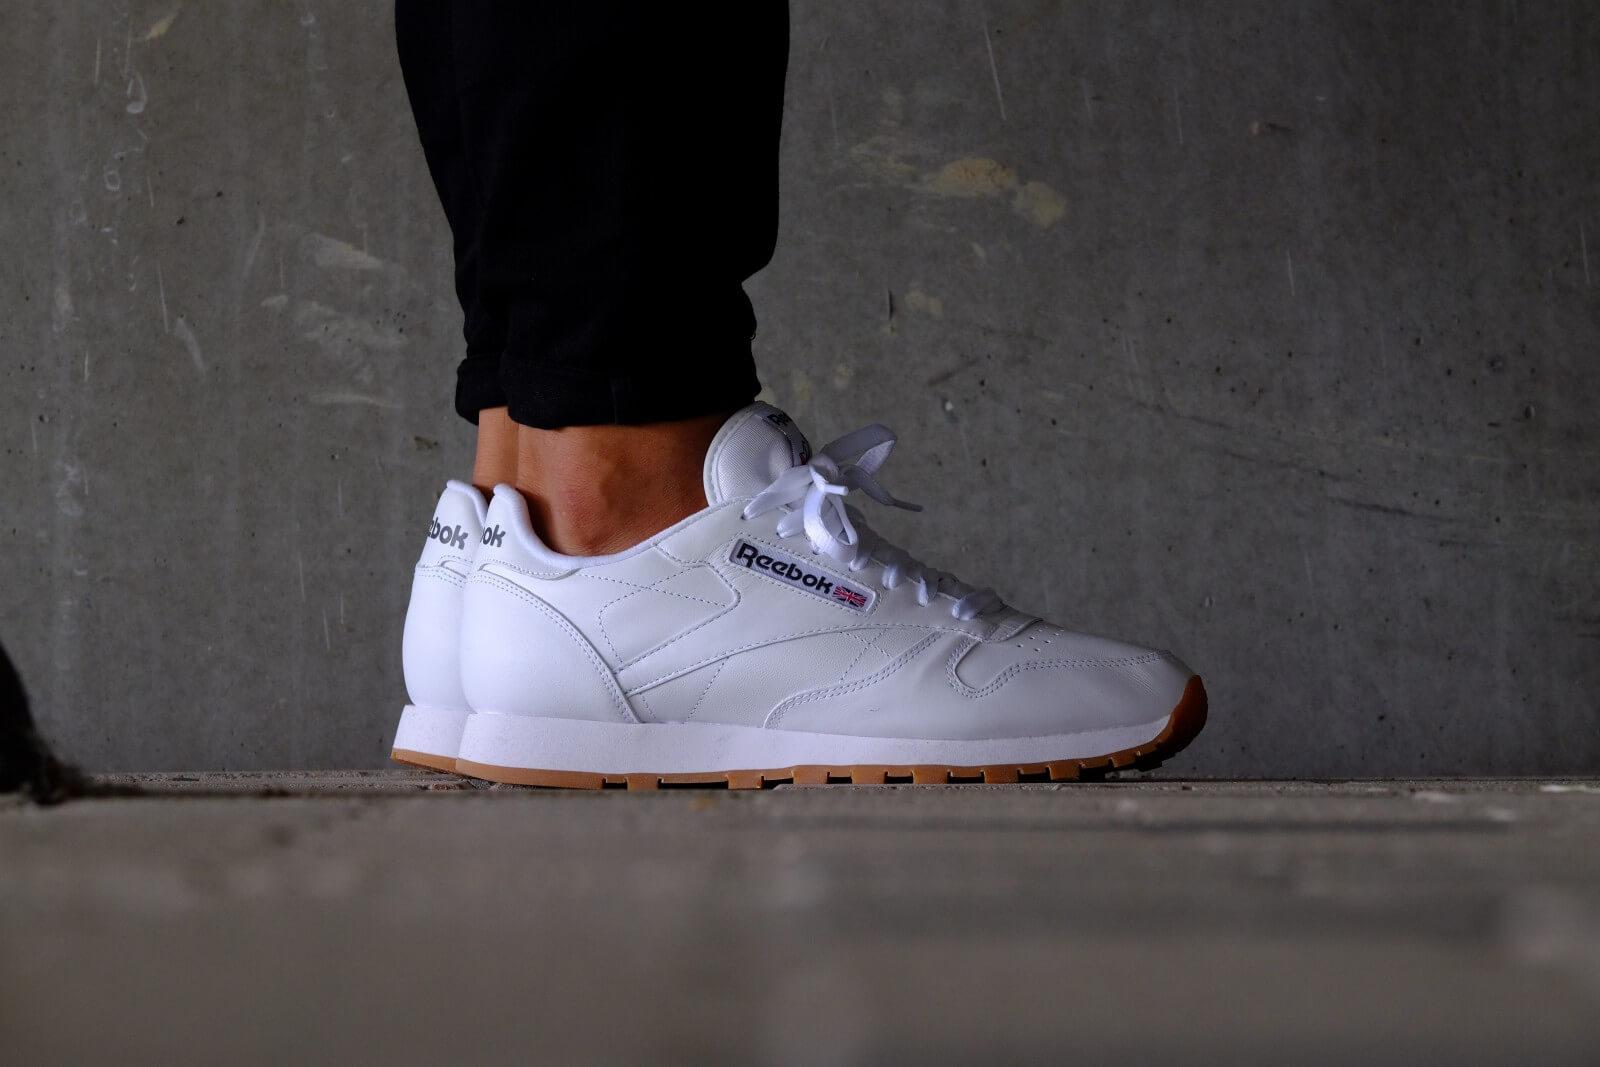 Reebok Clásicos Zapatos De Cuero Blanco uiVo6lD